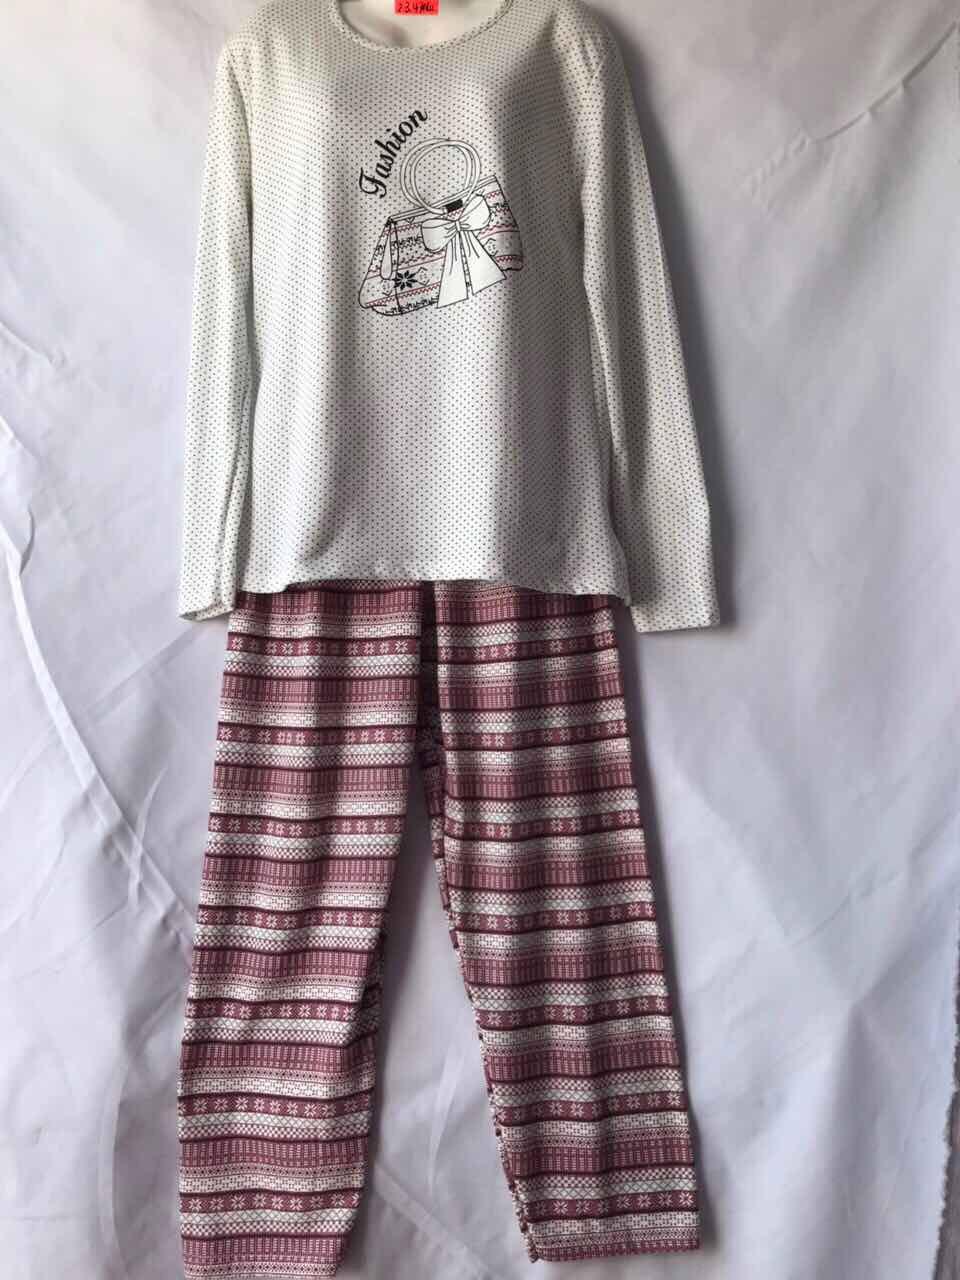 Женская пижама (тонкая байка) Батал оптом со склада в Одессе.